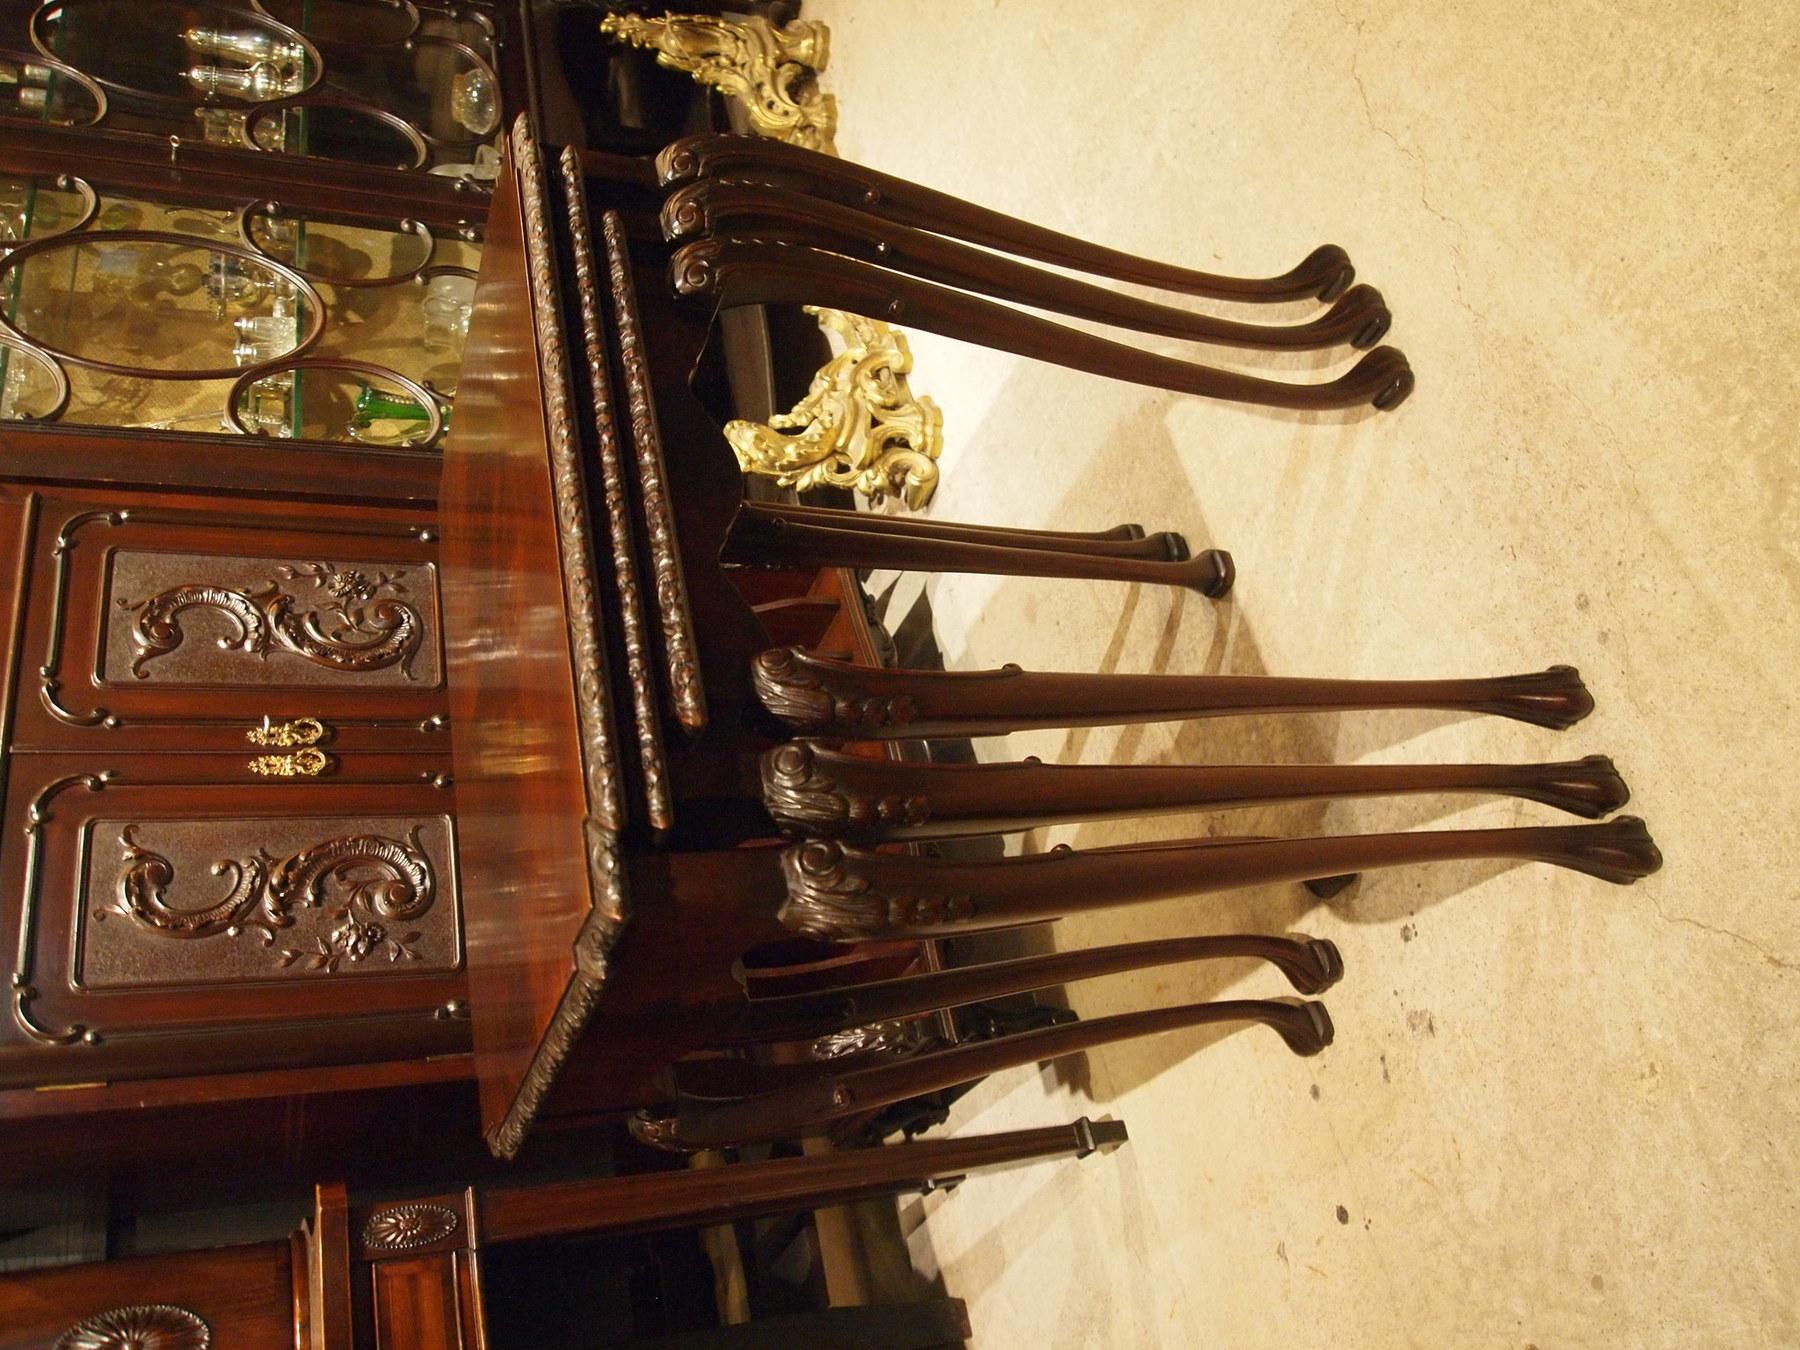 table201017a_07.JPG